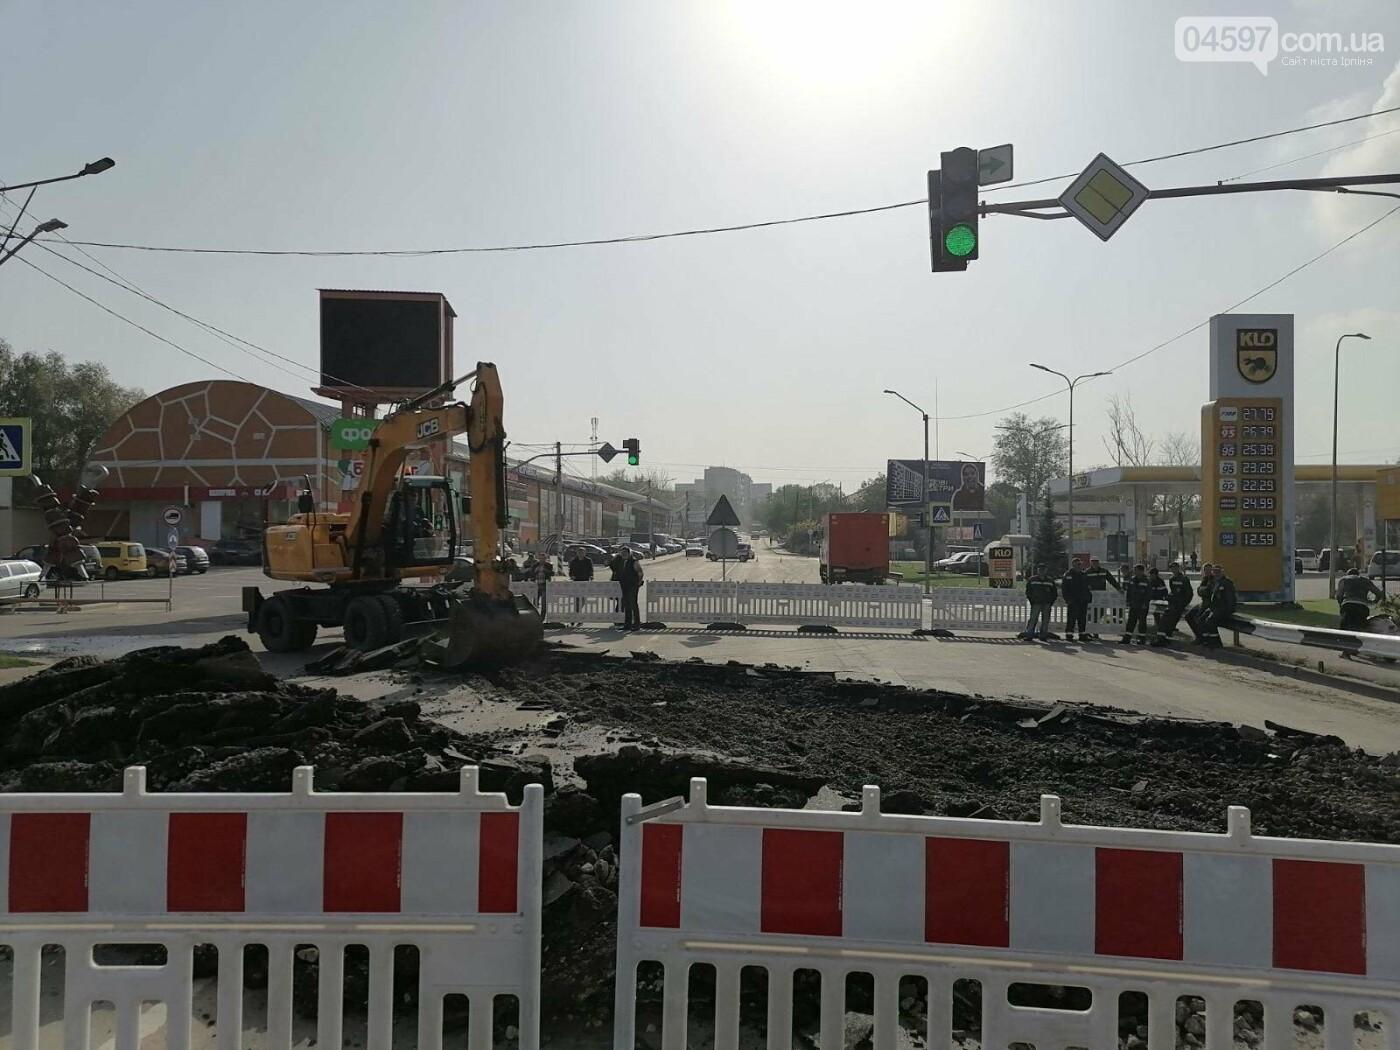 Водії, об'їжджайте:  біля Жирафу перекрили дорогу через ремонт, фото-1